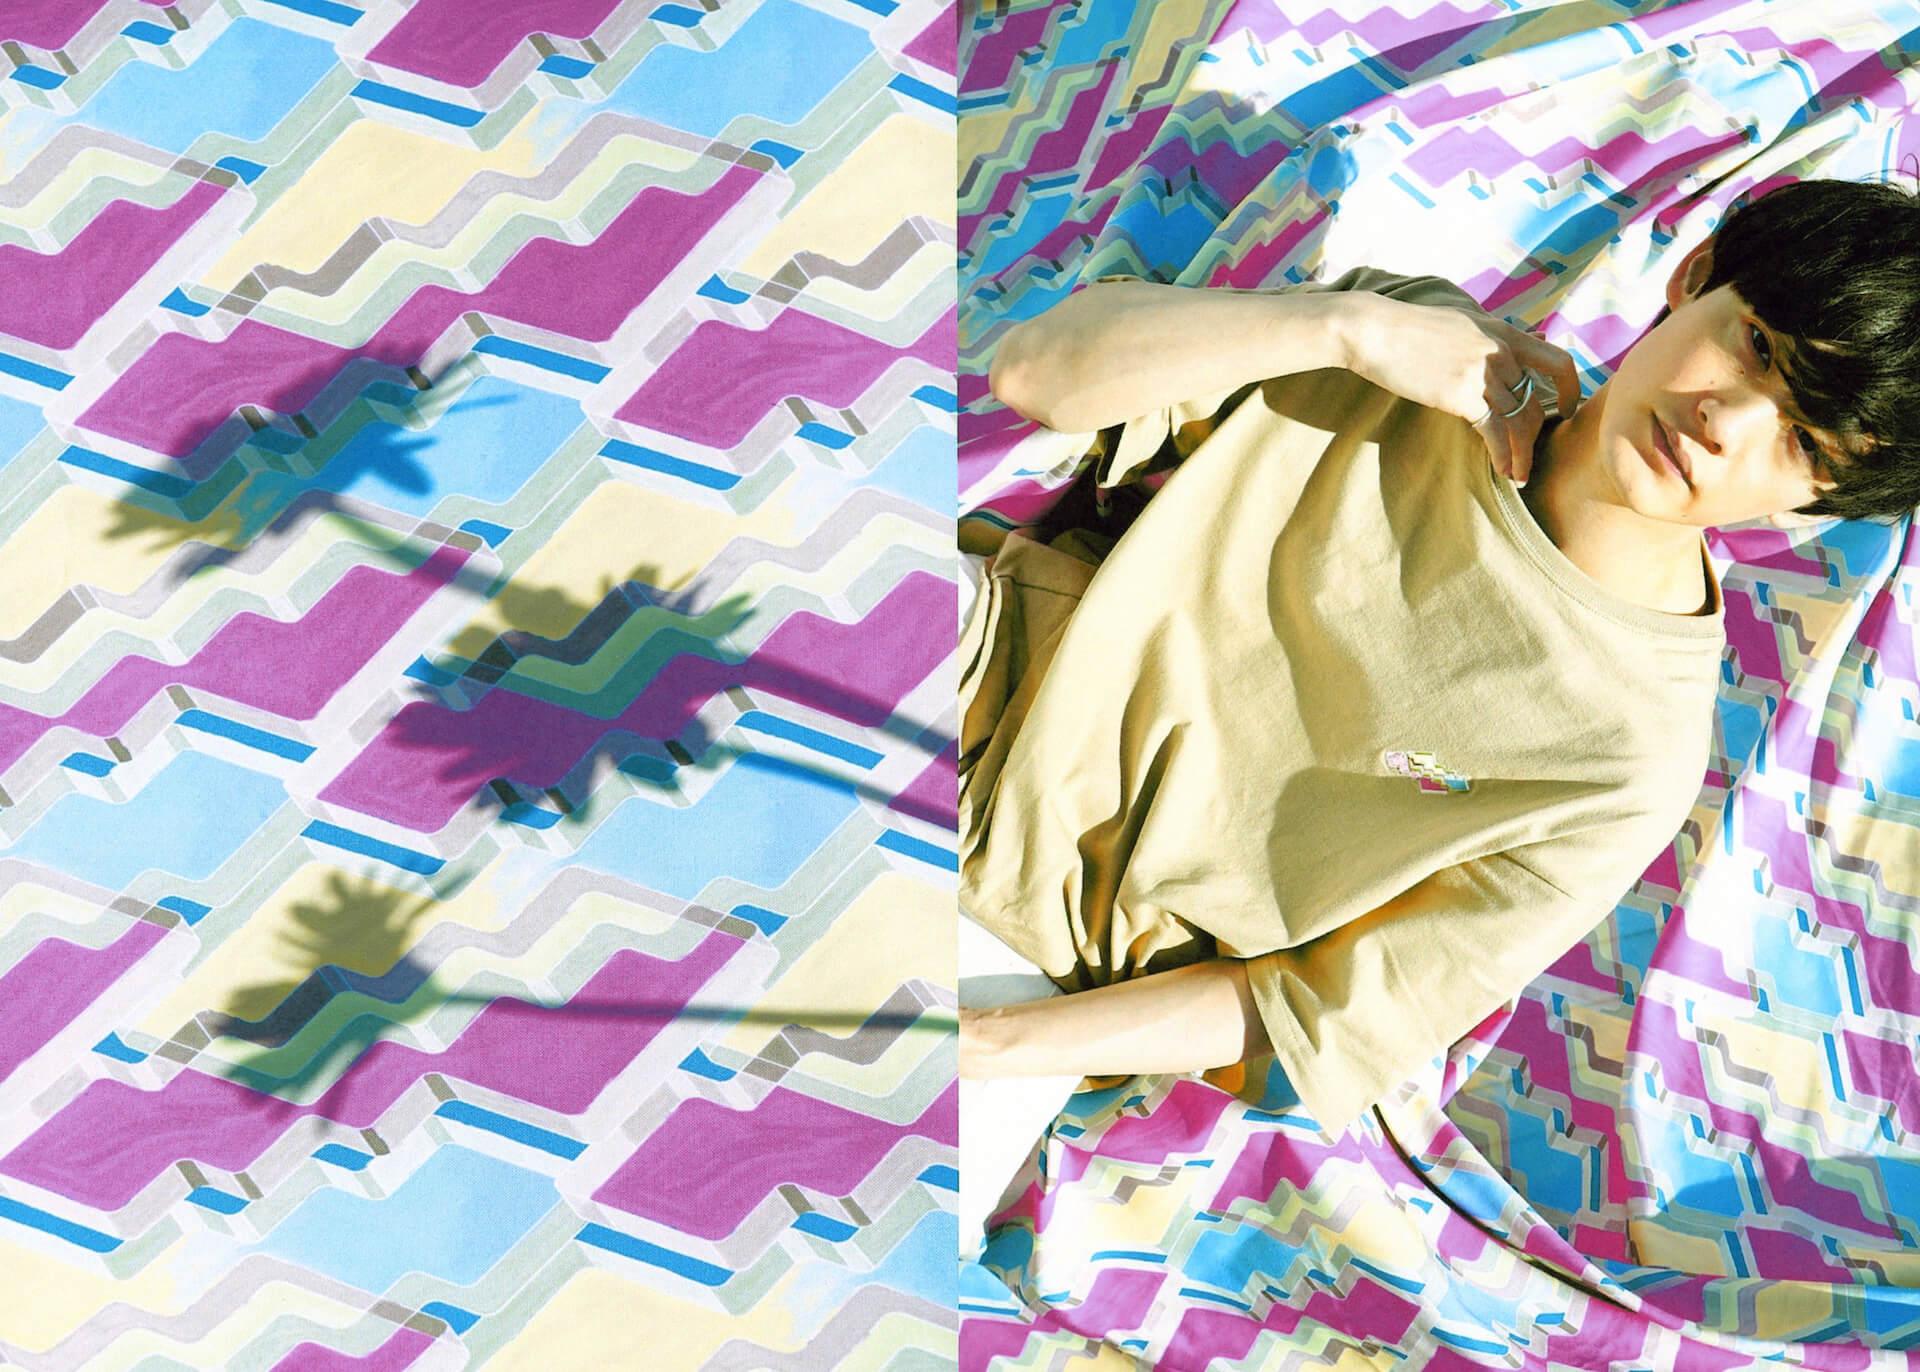 向井太一『COLORLESS』リリース記念!デザイナー・KEISUKE SHODAとのコラボグッズが発売開始! music210513_mukai-taichi-210513_6